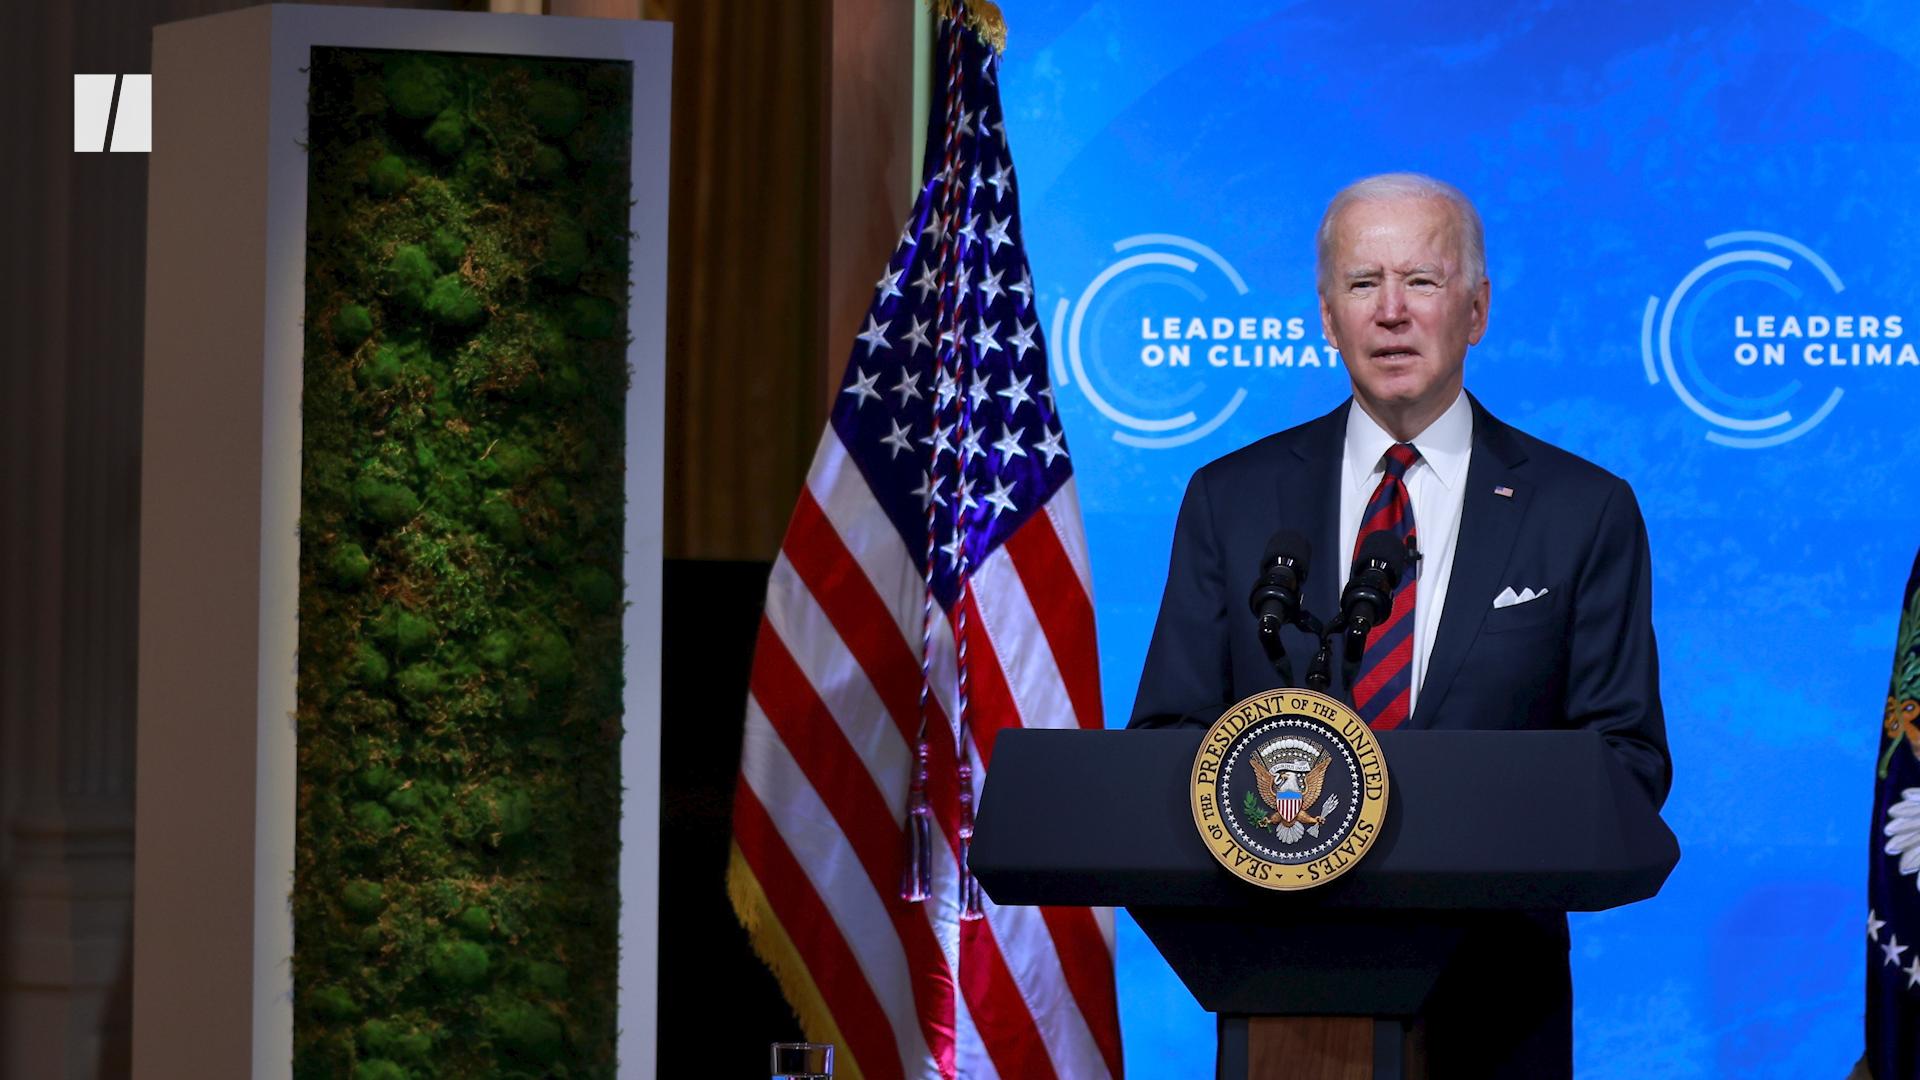 Biden's Climate Comeback Pledge